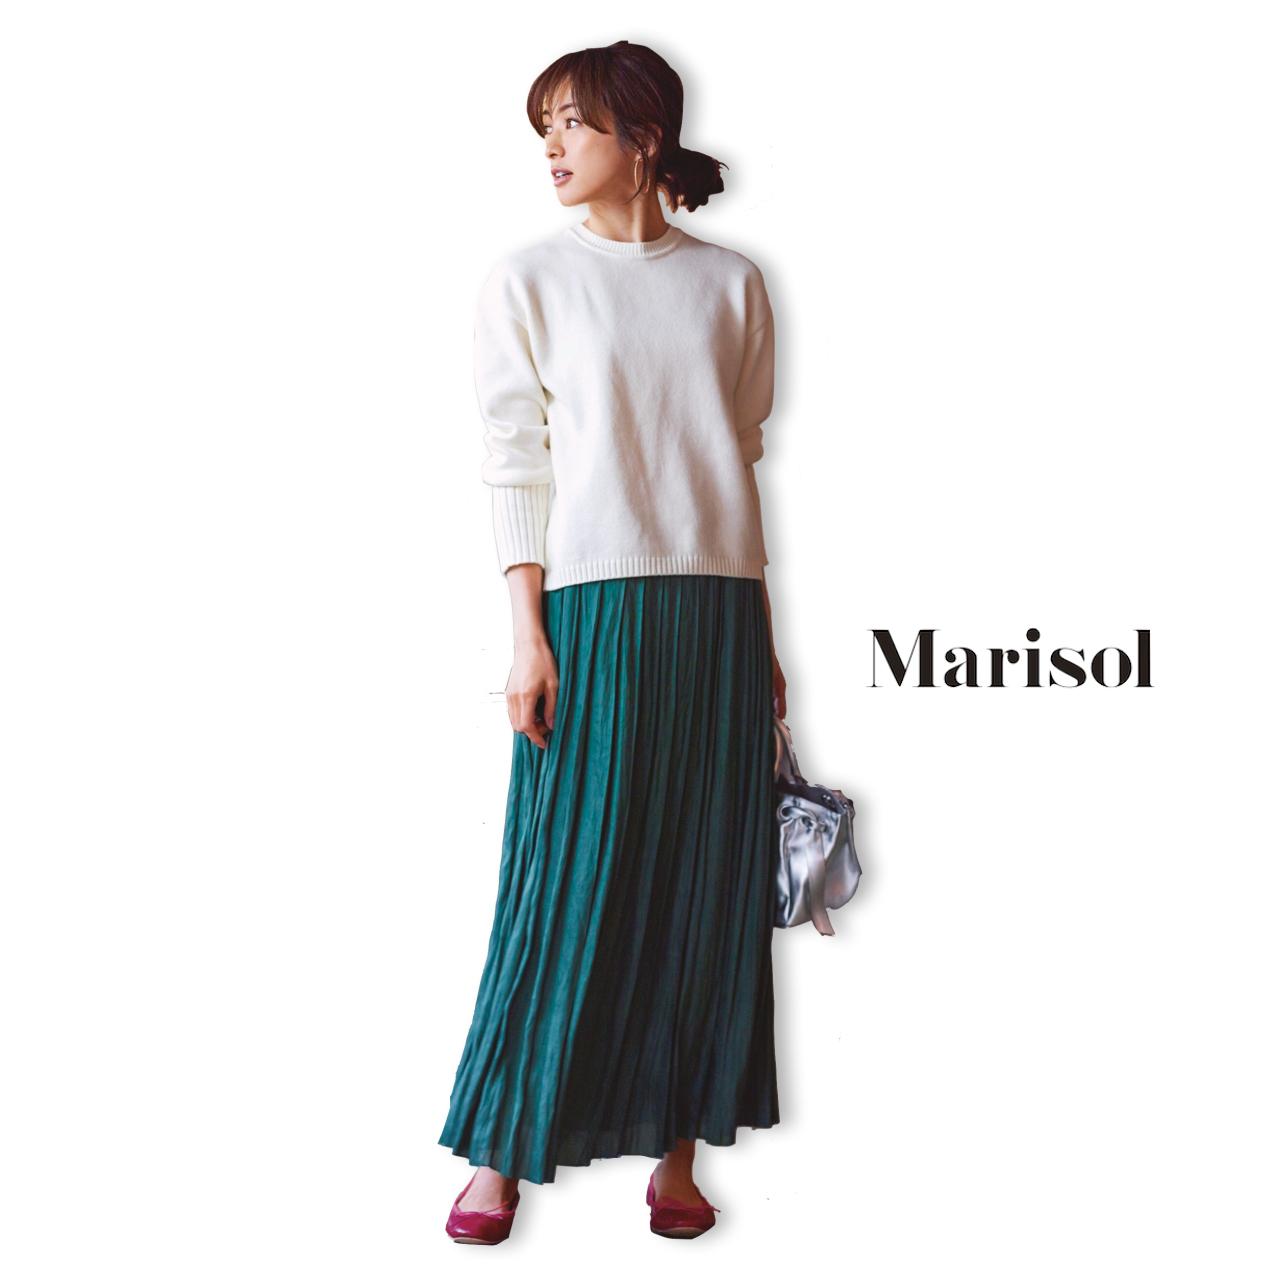 40代ファッション 白ふわコットンニット×グリーンギャザースカートコーデ